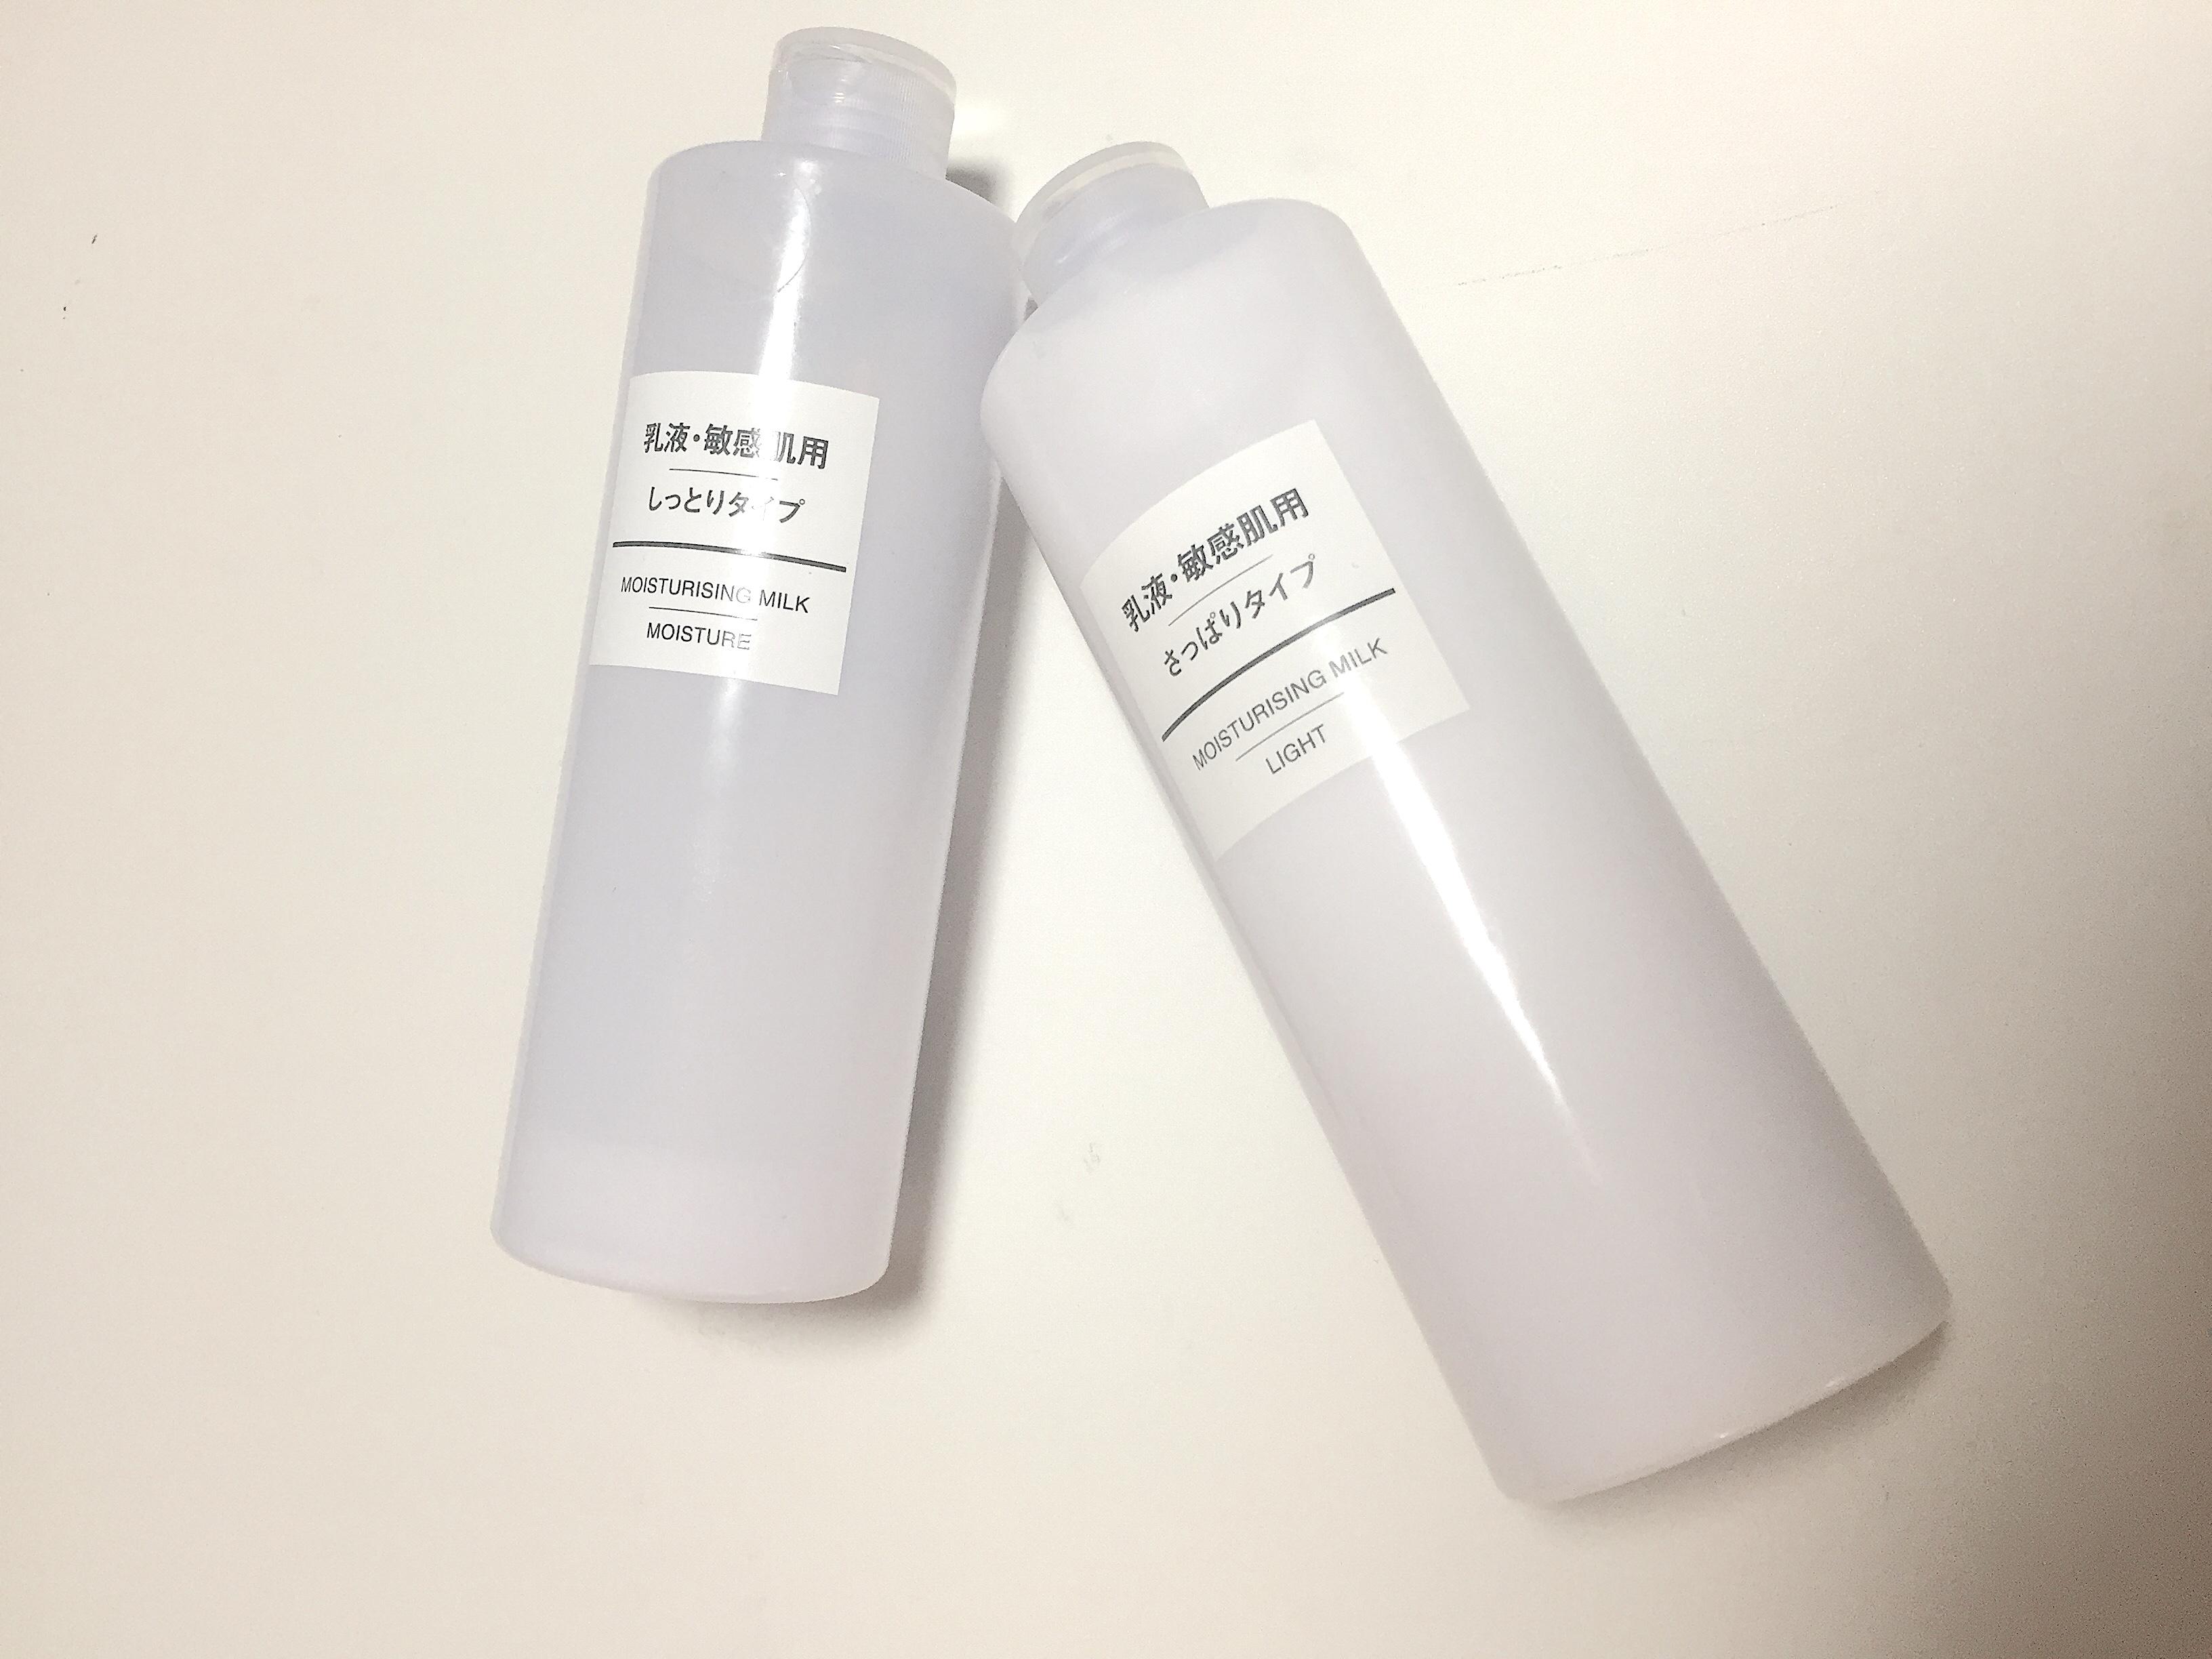 無印良品の乳液(さっぱりとしっとりの比較)